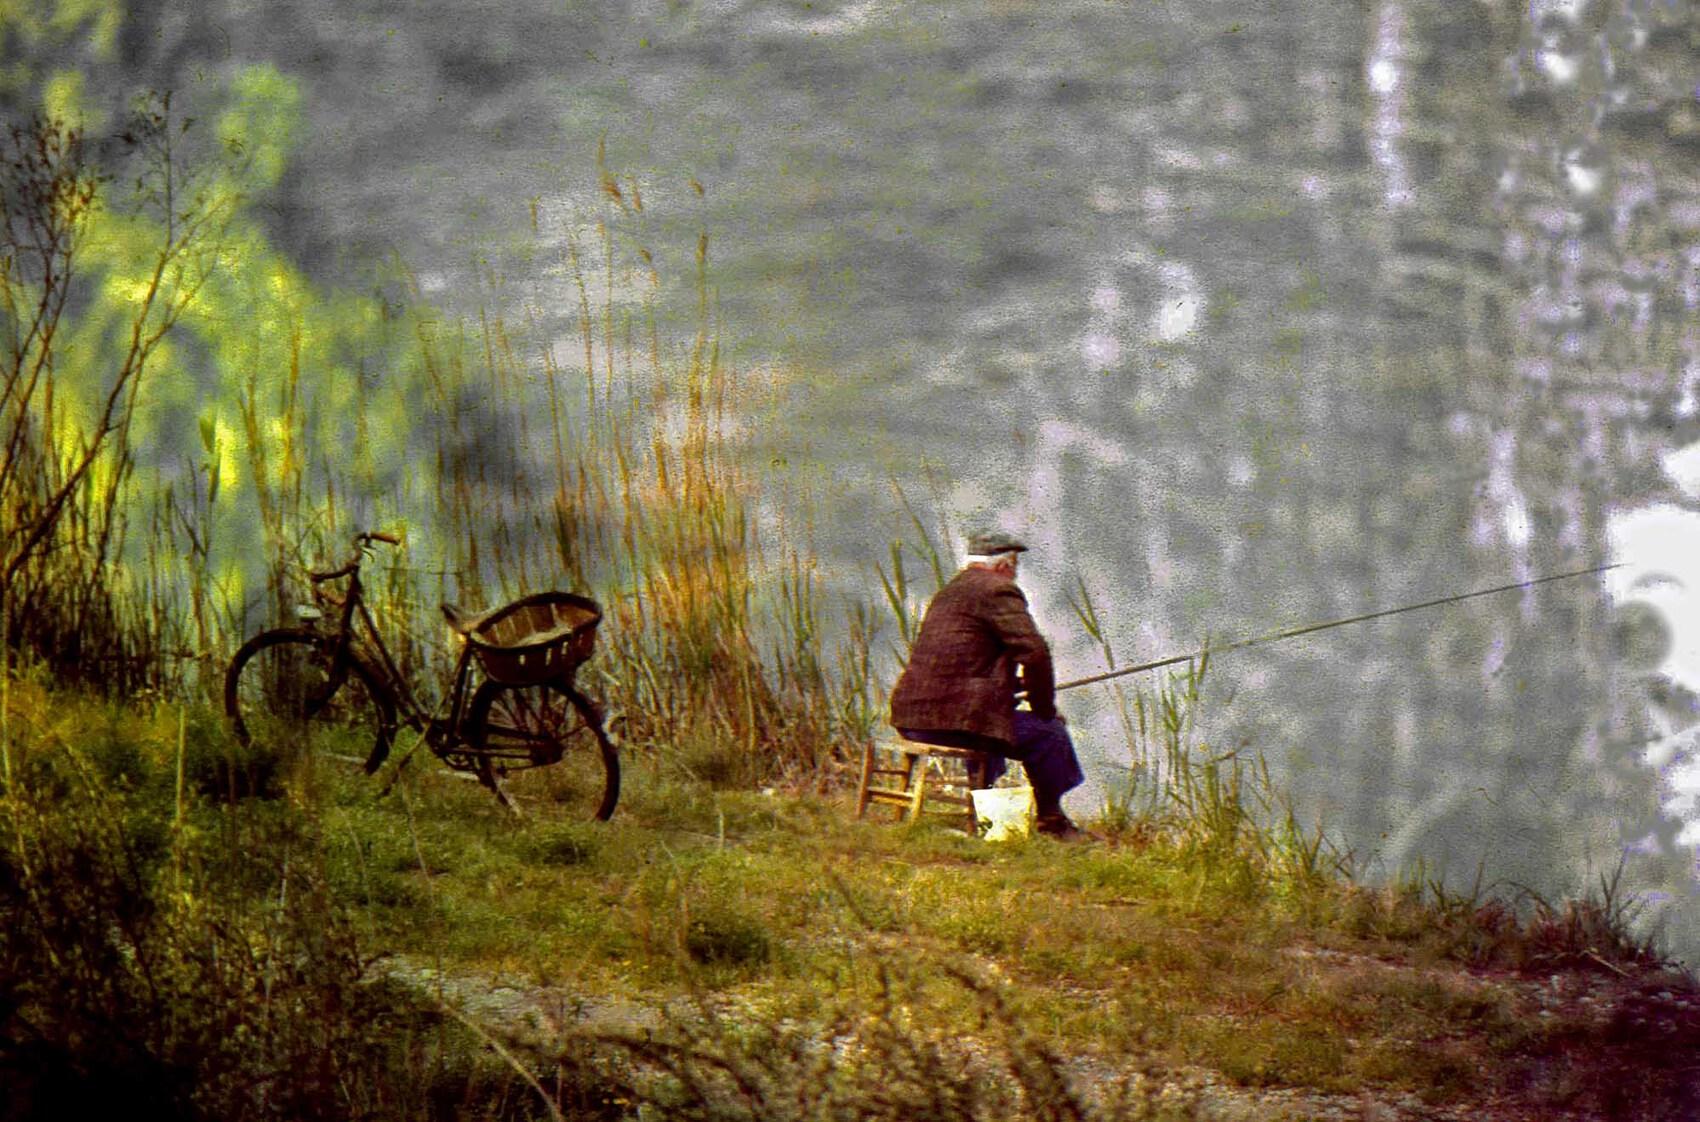 Le pêcheur - Le fichier 20€ - Tirages tous formats voir mon site sur mon profil